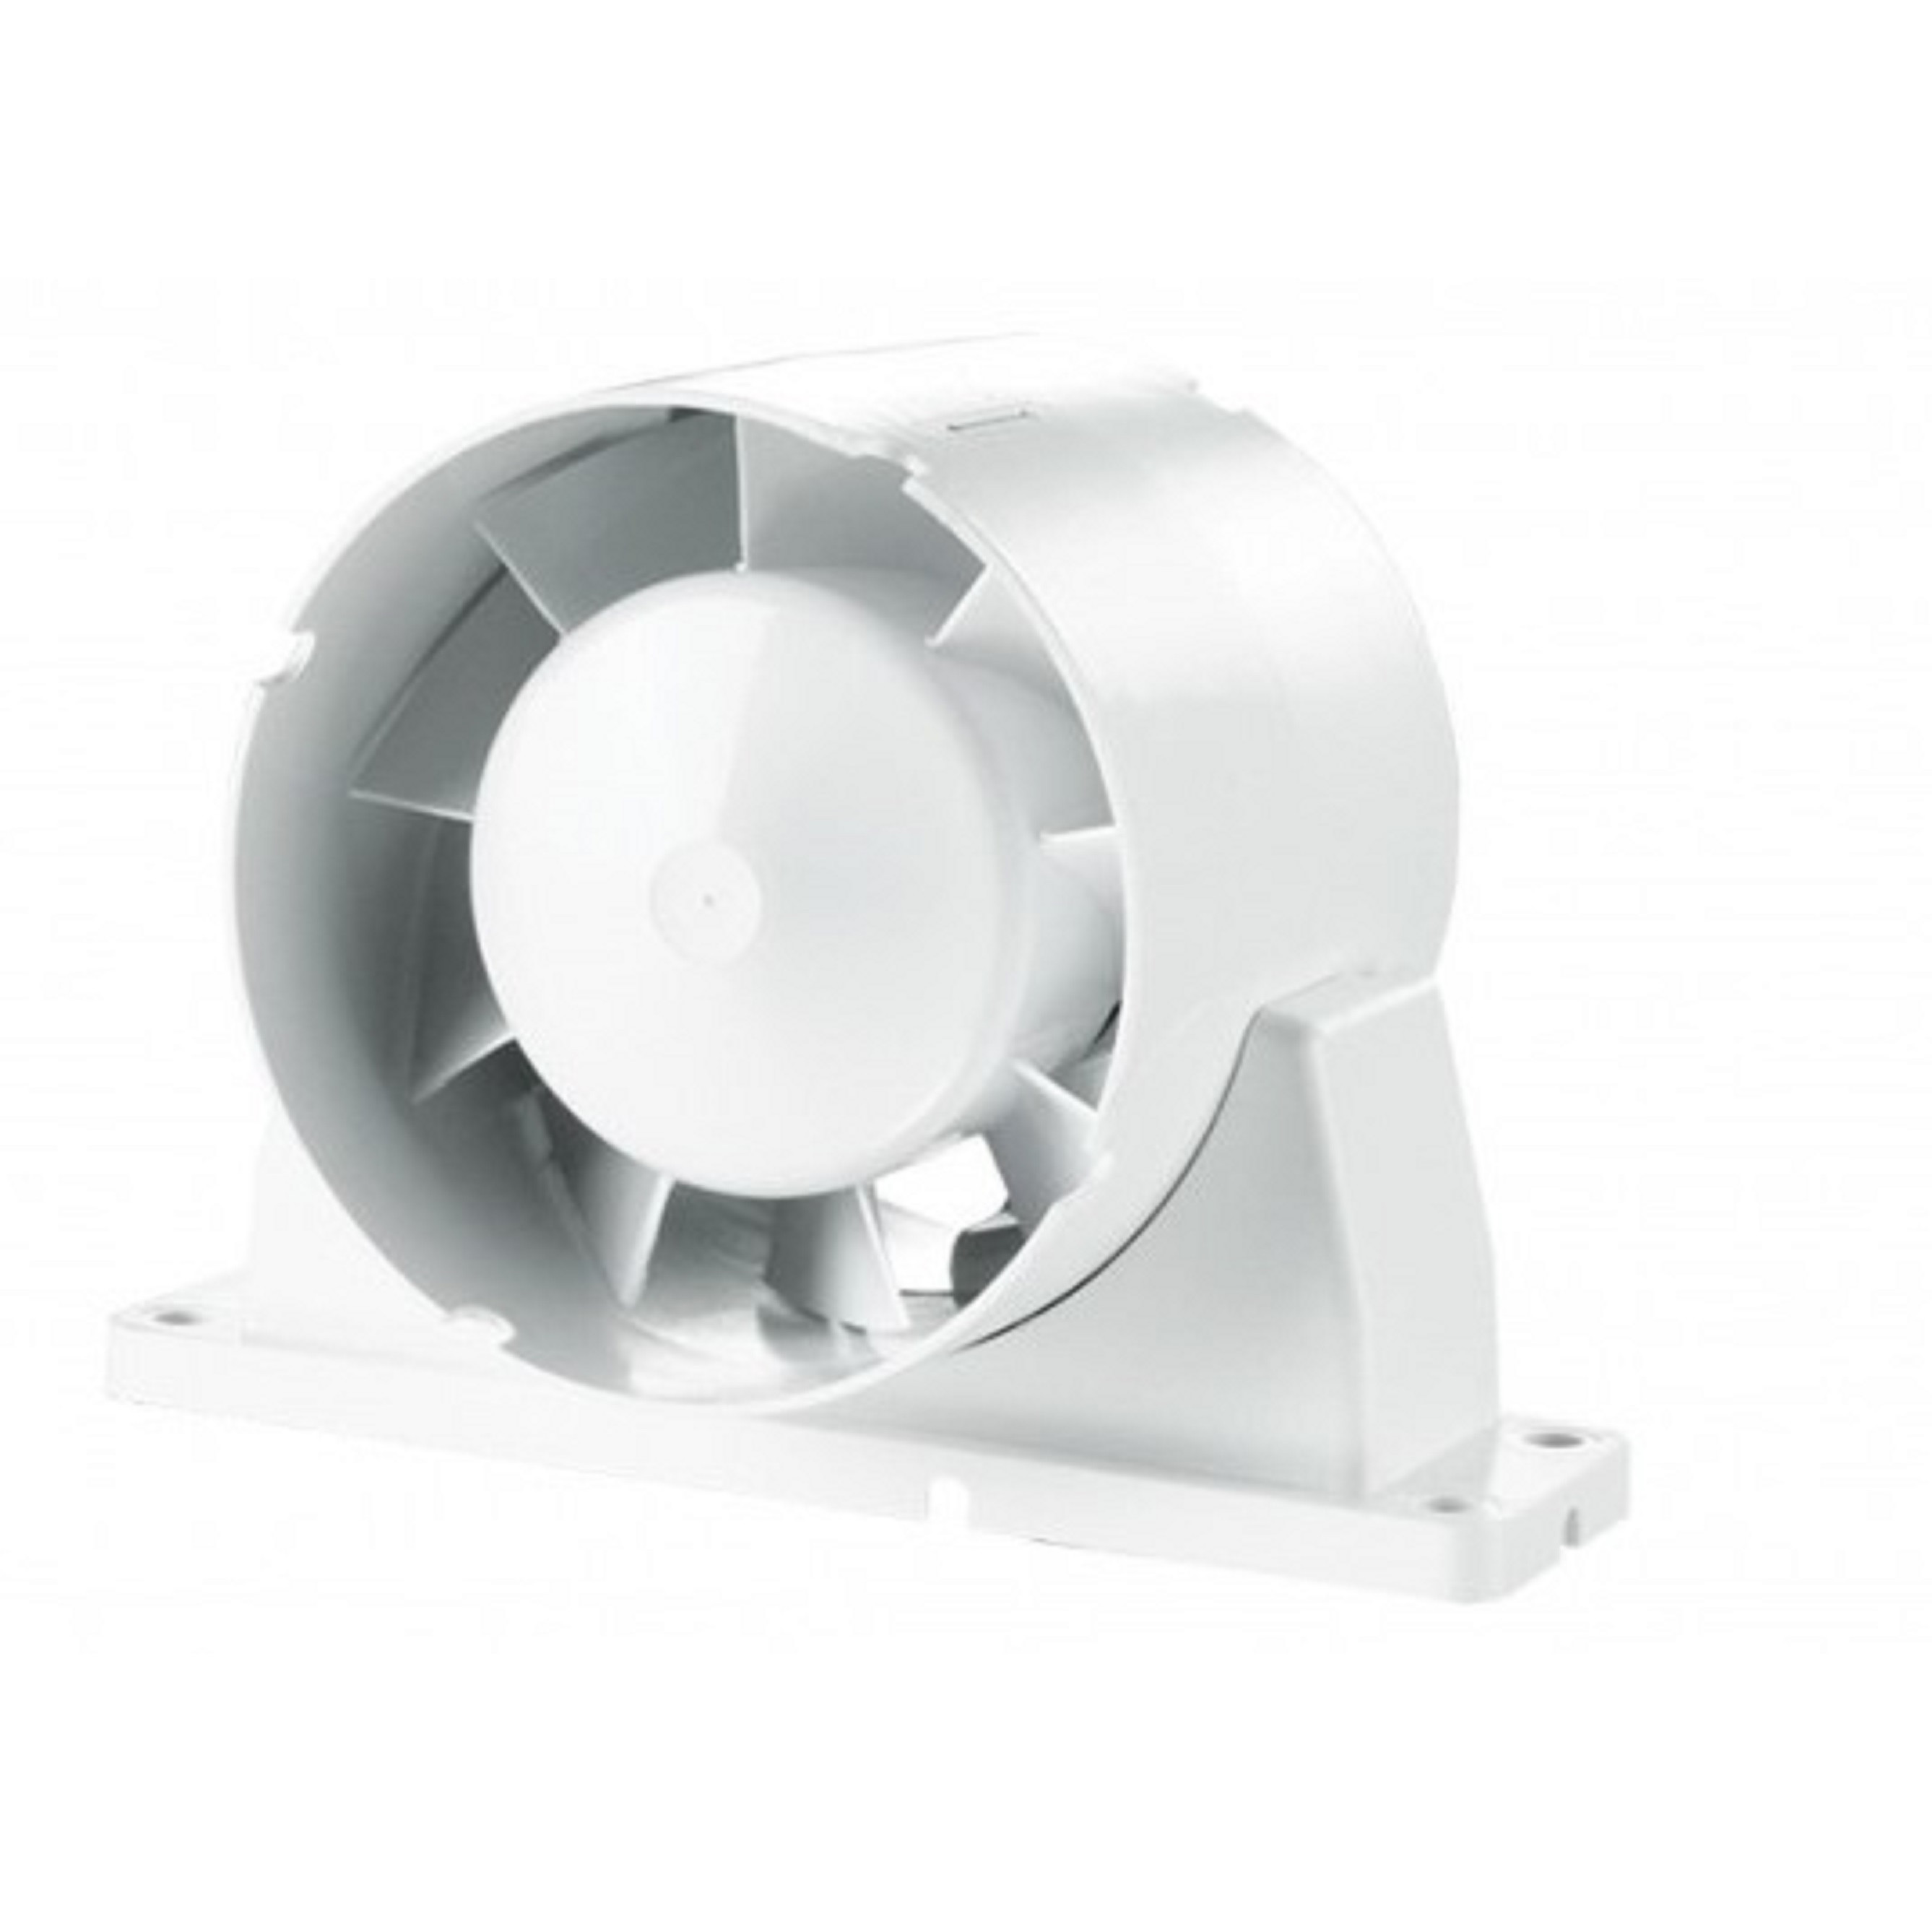 Quạt HT gắn ống gió - có chân đế - Tubo-U 125- Hàng nhập khẩu